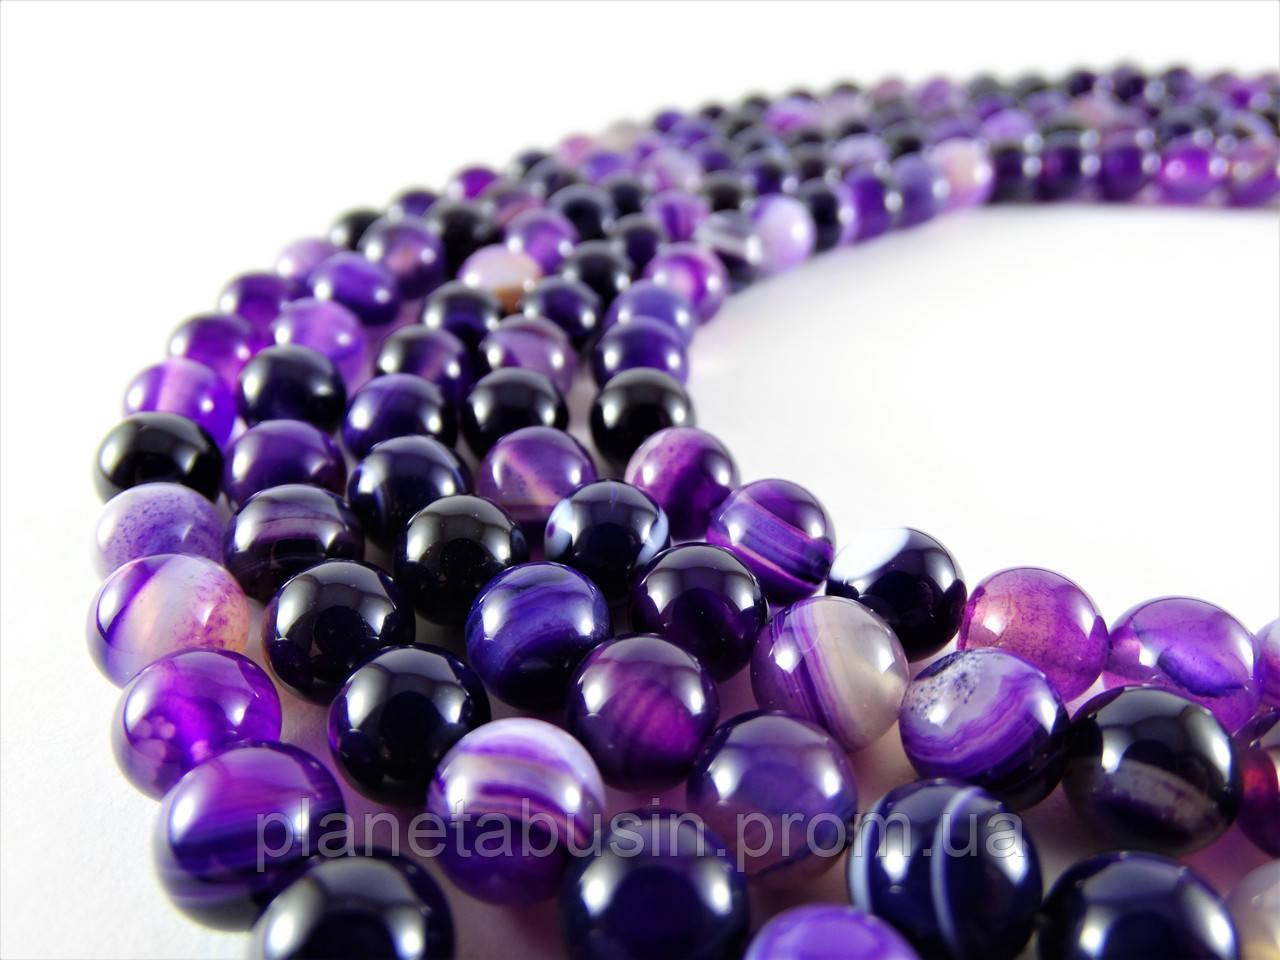 8 мм Фиолетовый Полосатый Агат, CN145, Натуральный камень, Форма: Шар, Отверстие: 1 мм, кол-во: 47-48 шт/нить